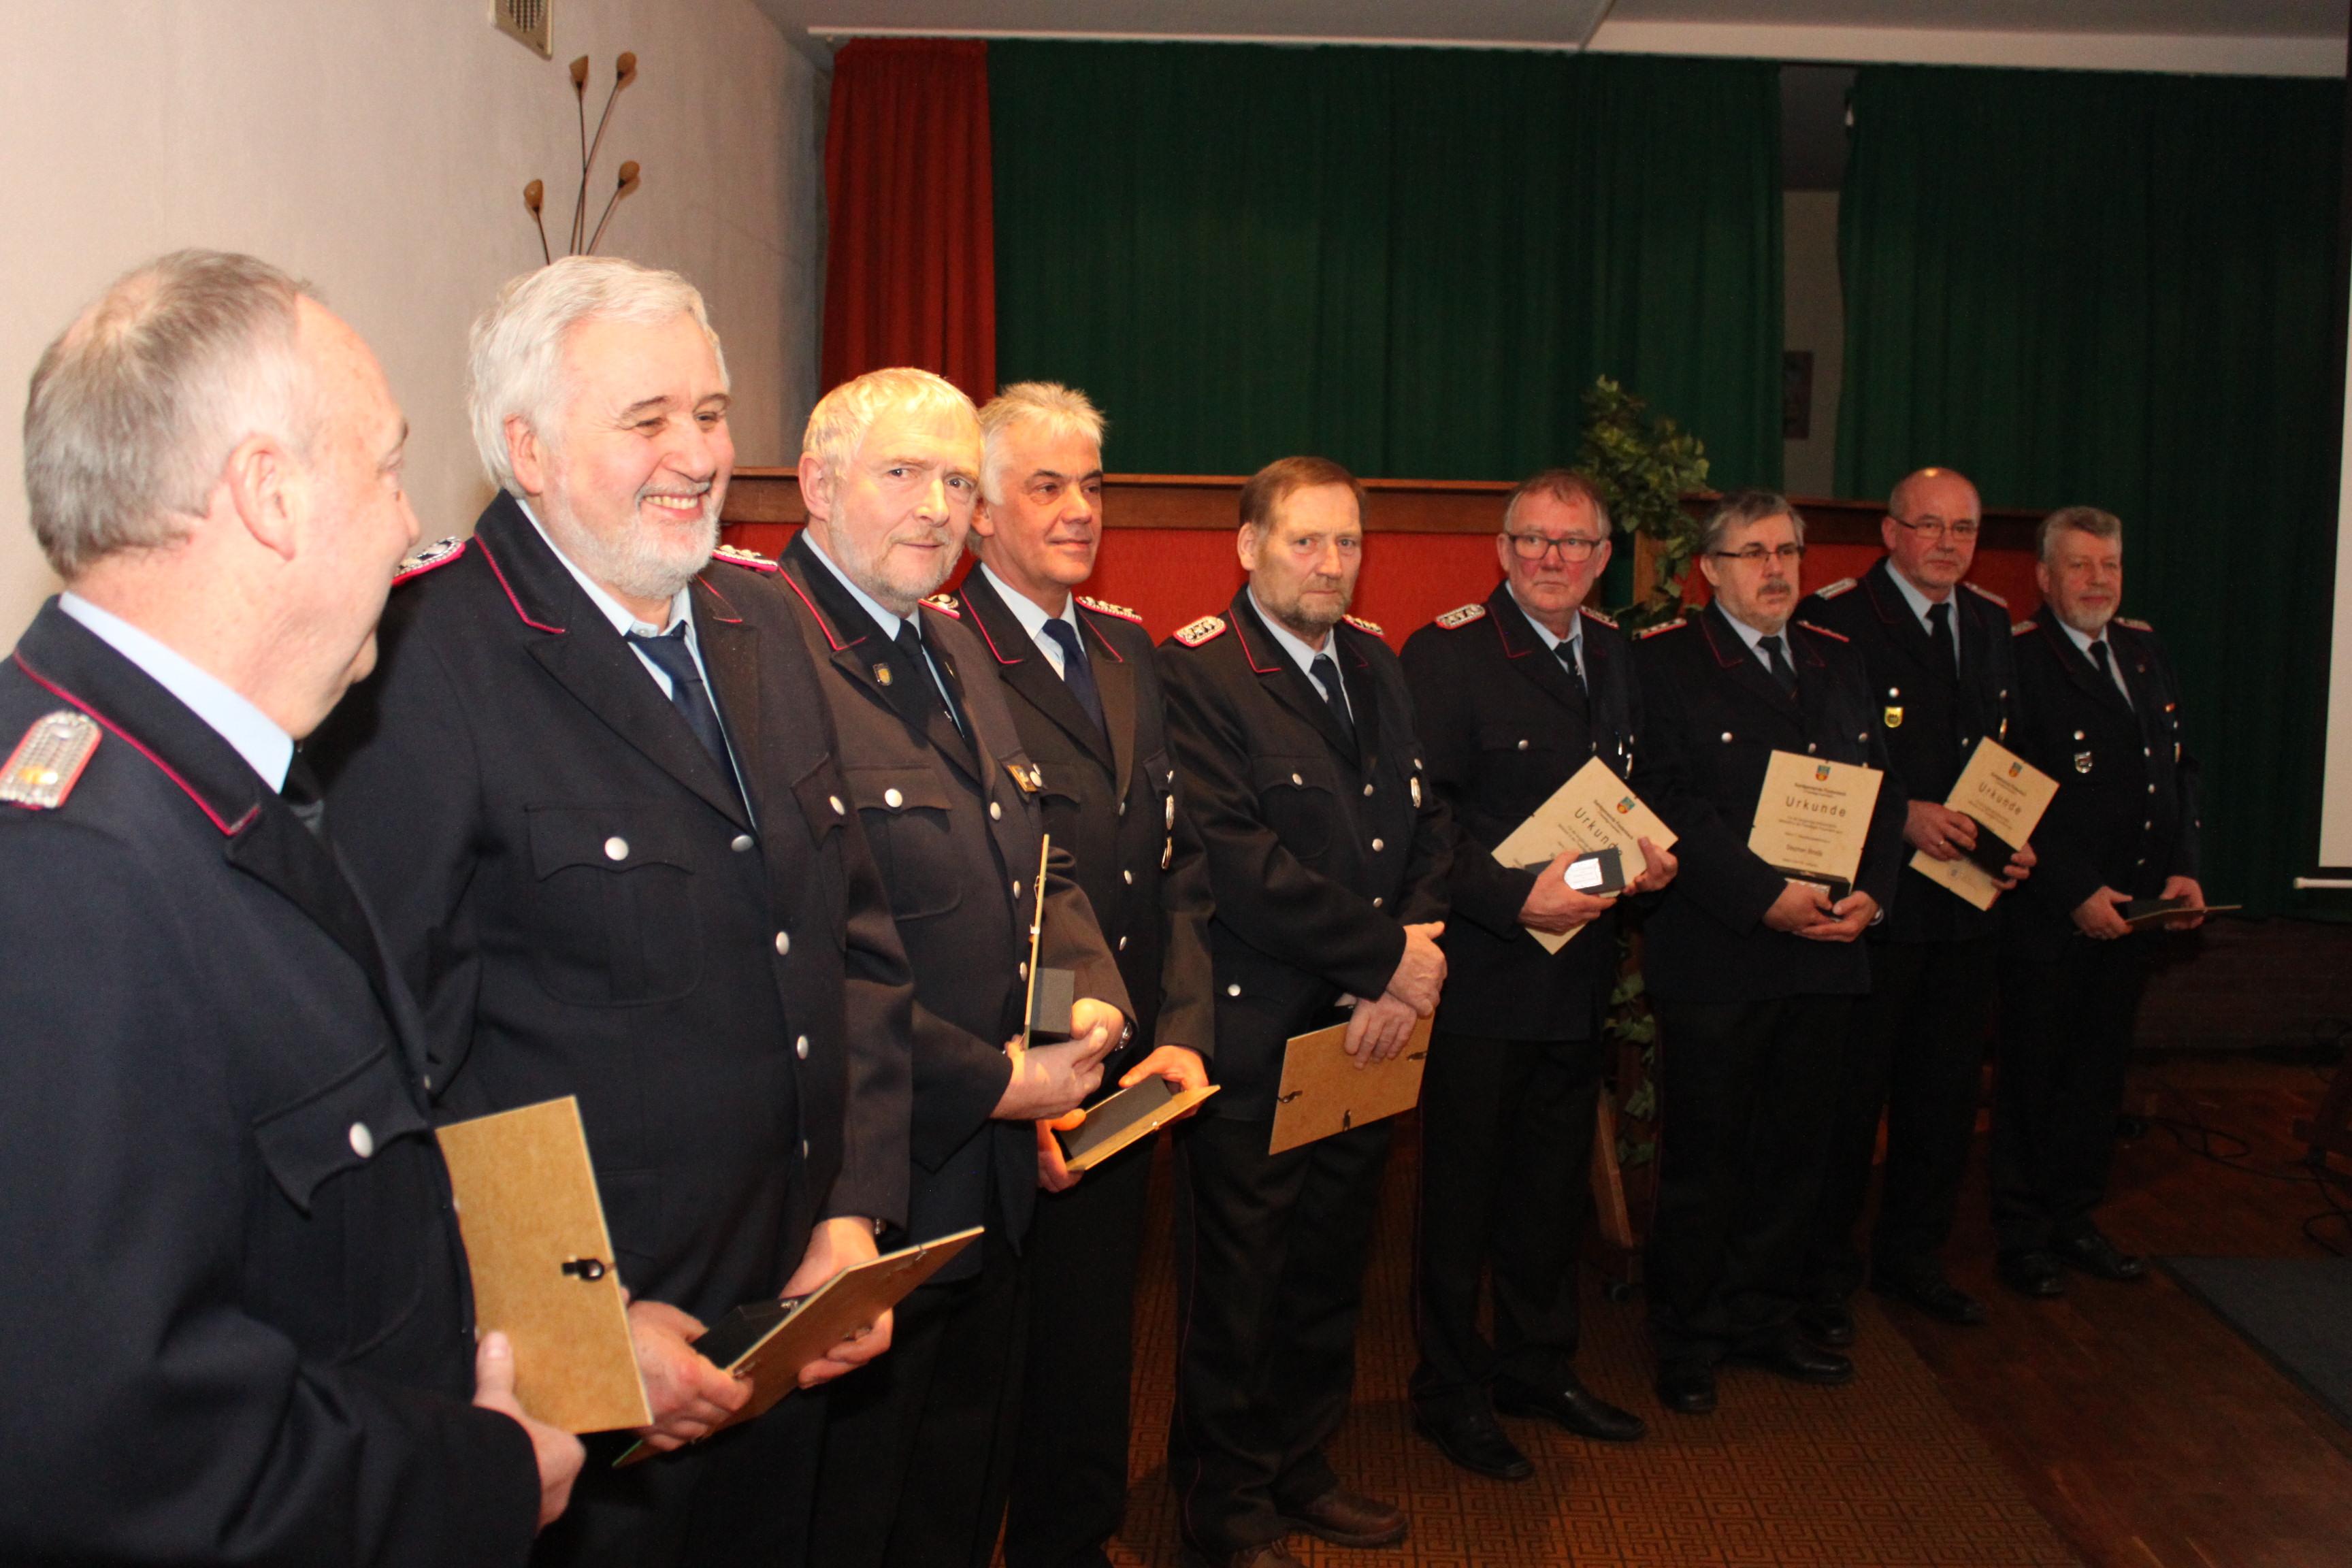 Samtgemeinde-Dienstversammlung in Fredenbeck - Freiwillige Feuerwehr ...